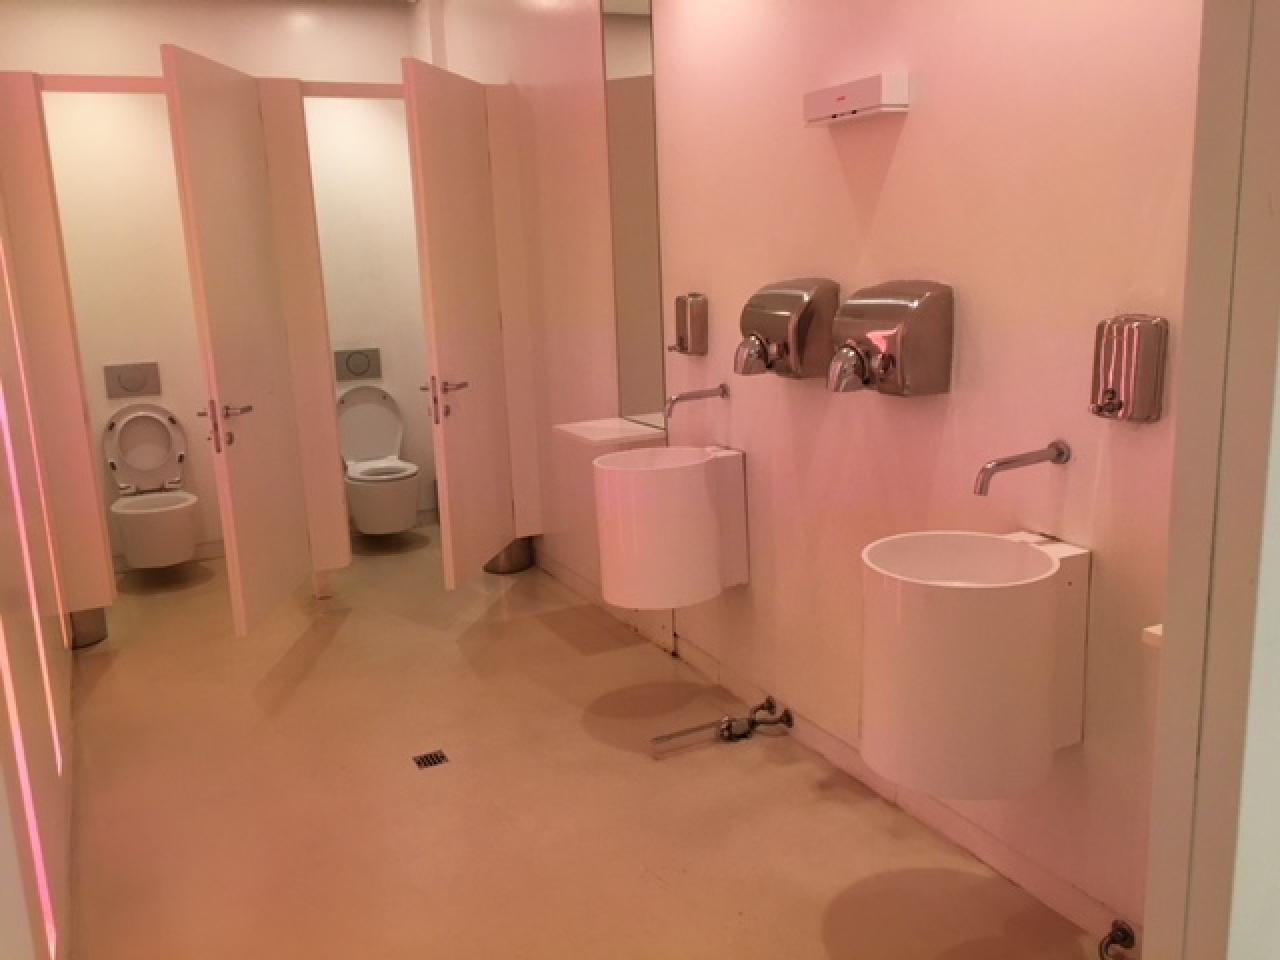 Piastrella per il bagno di un ristorante come scegliere - Bagni chimici vicenza ...